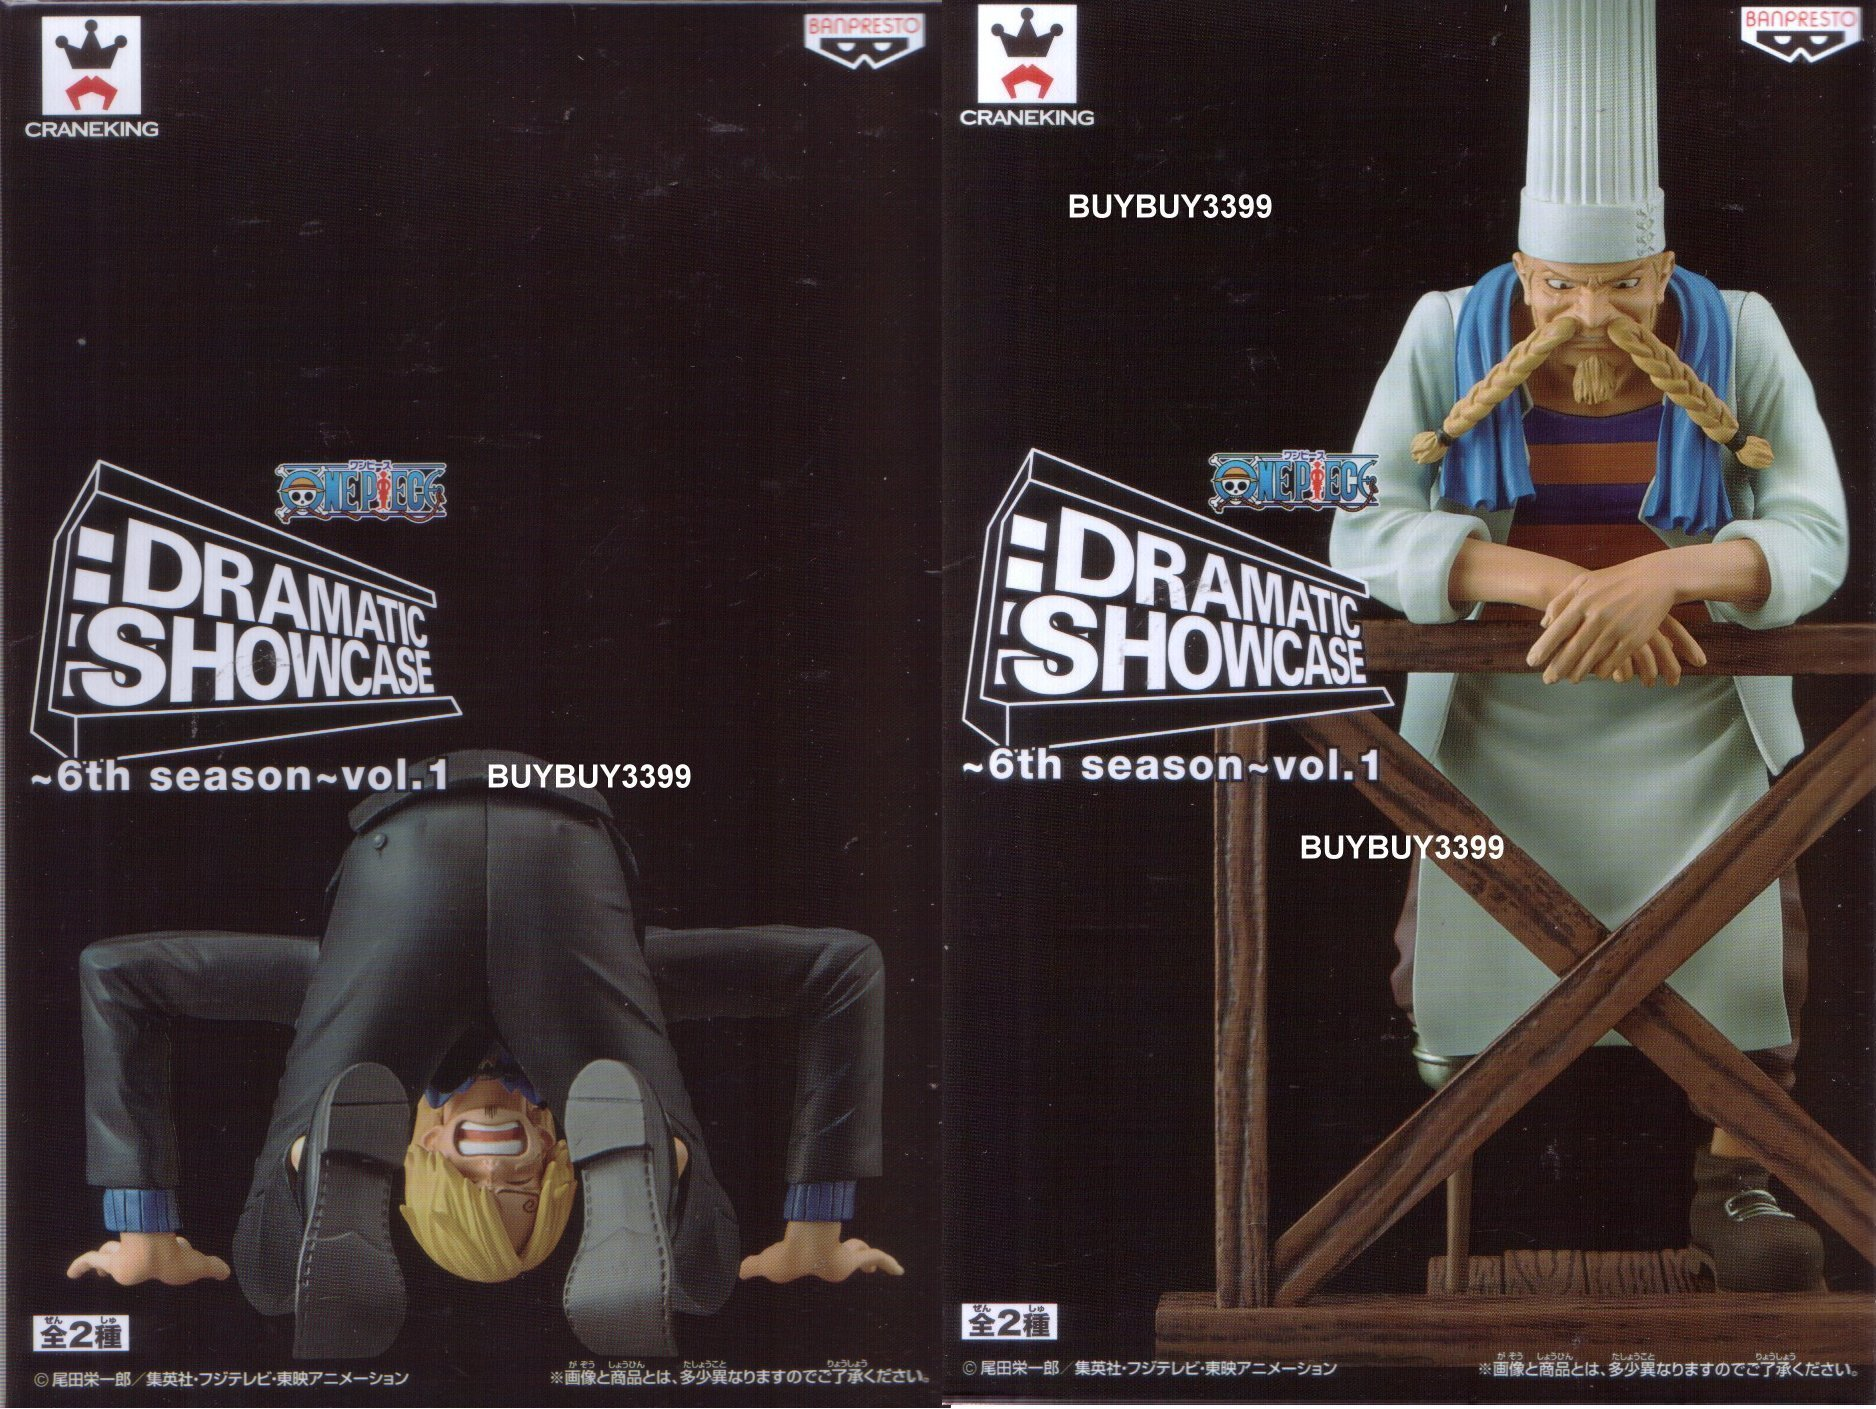 日版金證 哲普 和 香吉士 土下座 跪姿 一套兩款 DRAMATIC SHOWCASE 海賊王